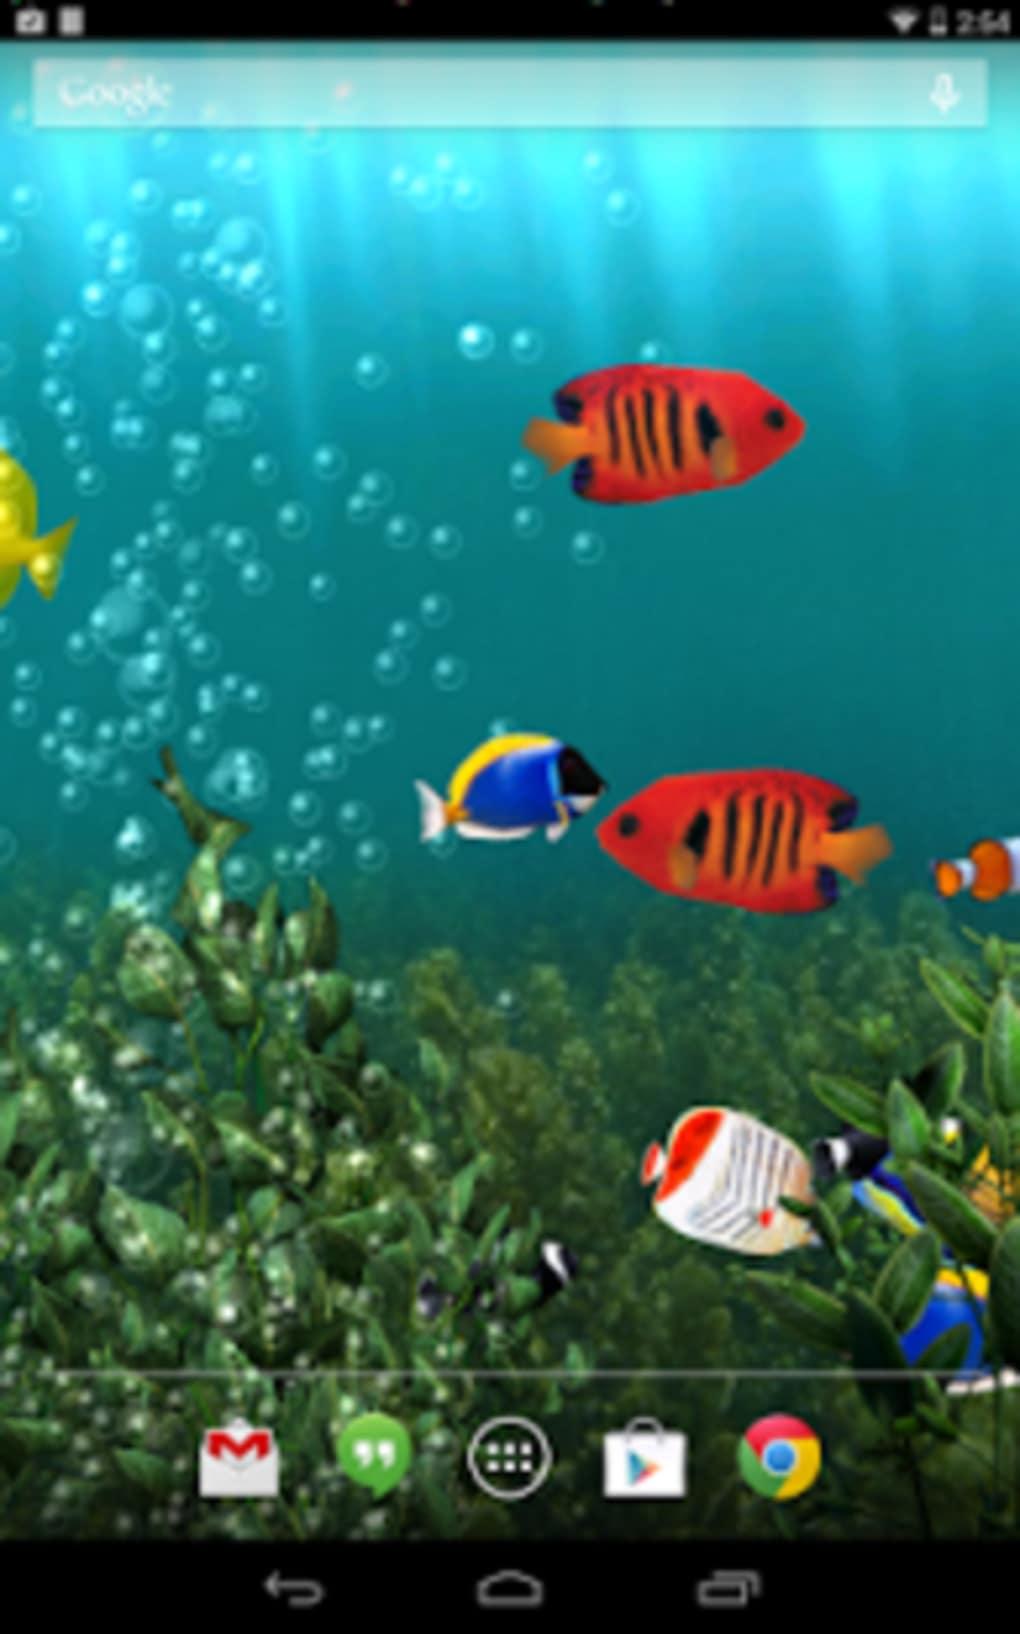 Aquarium Live Wallpaper APK for Android